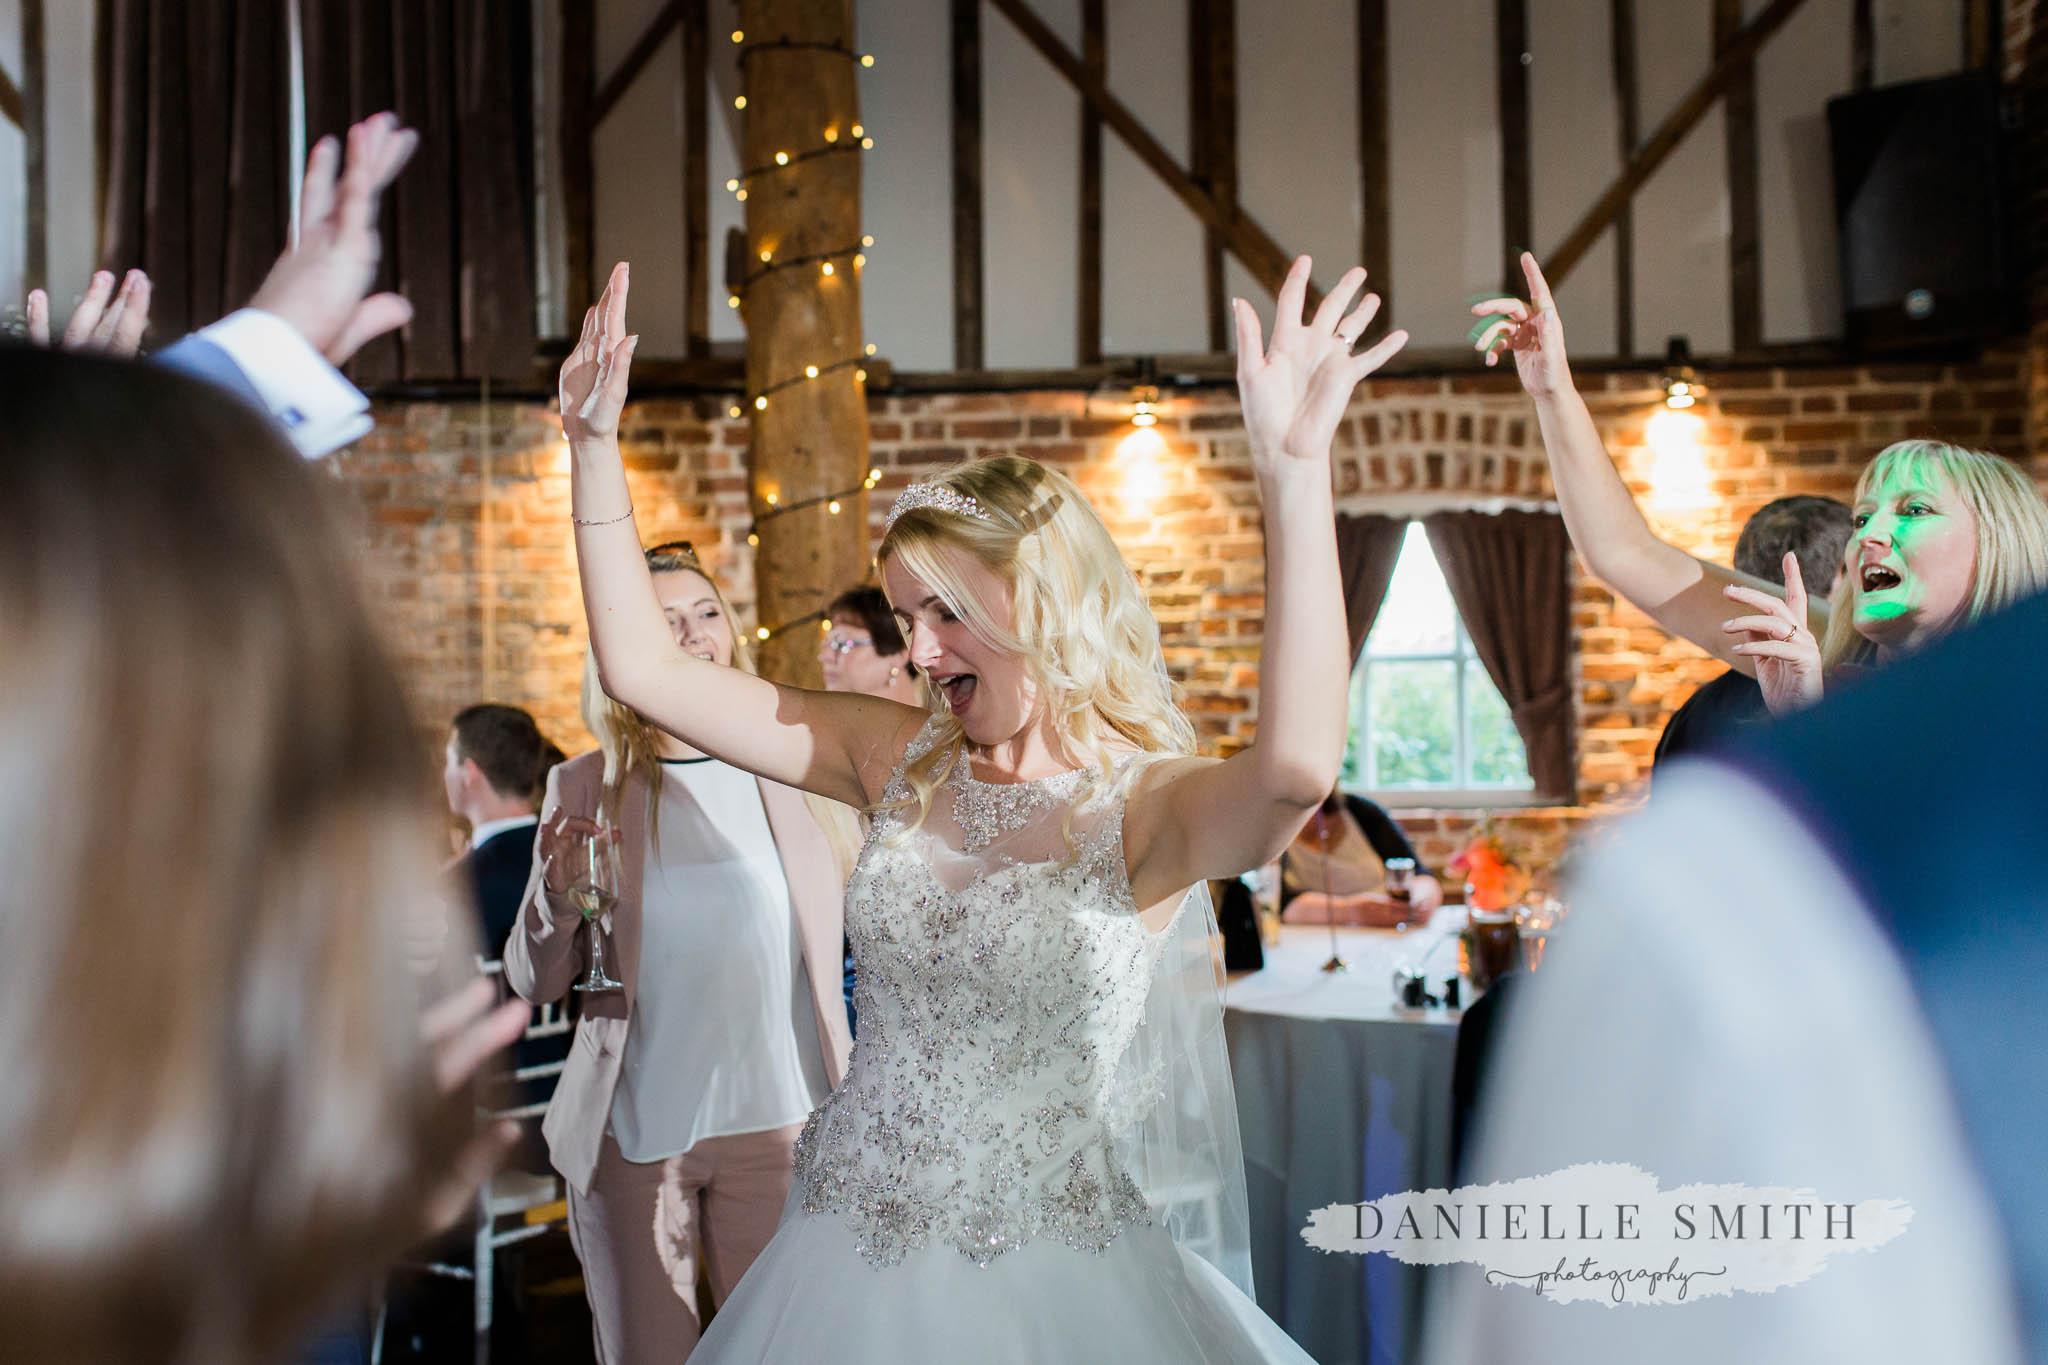 bride dancing at wedding